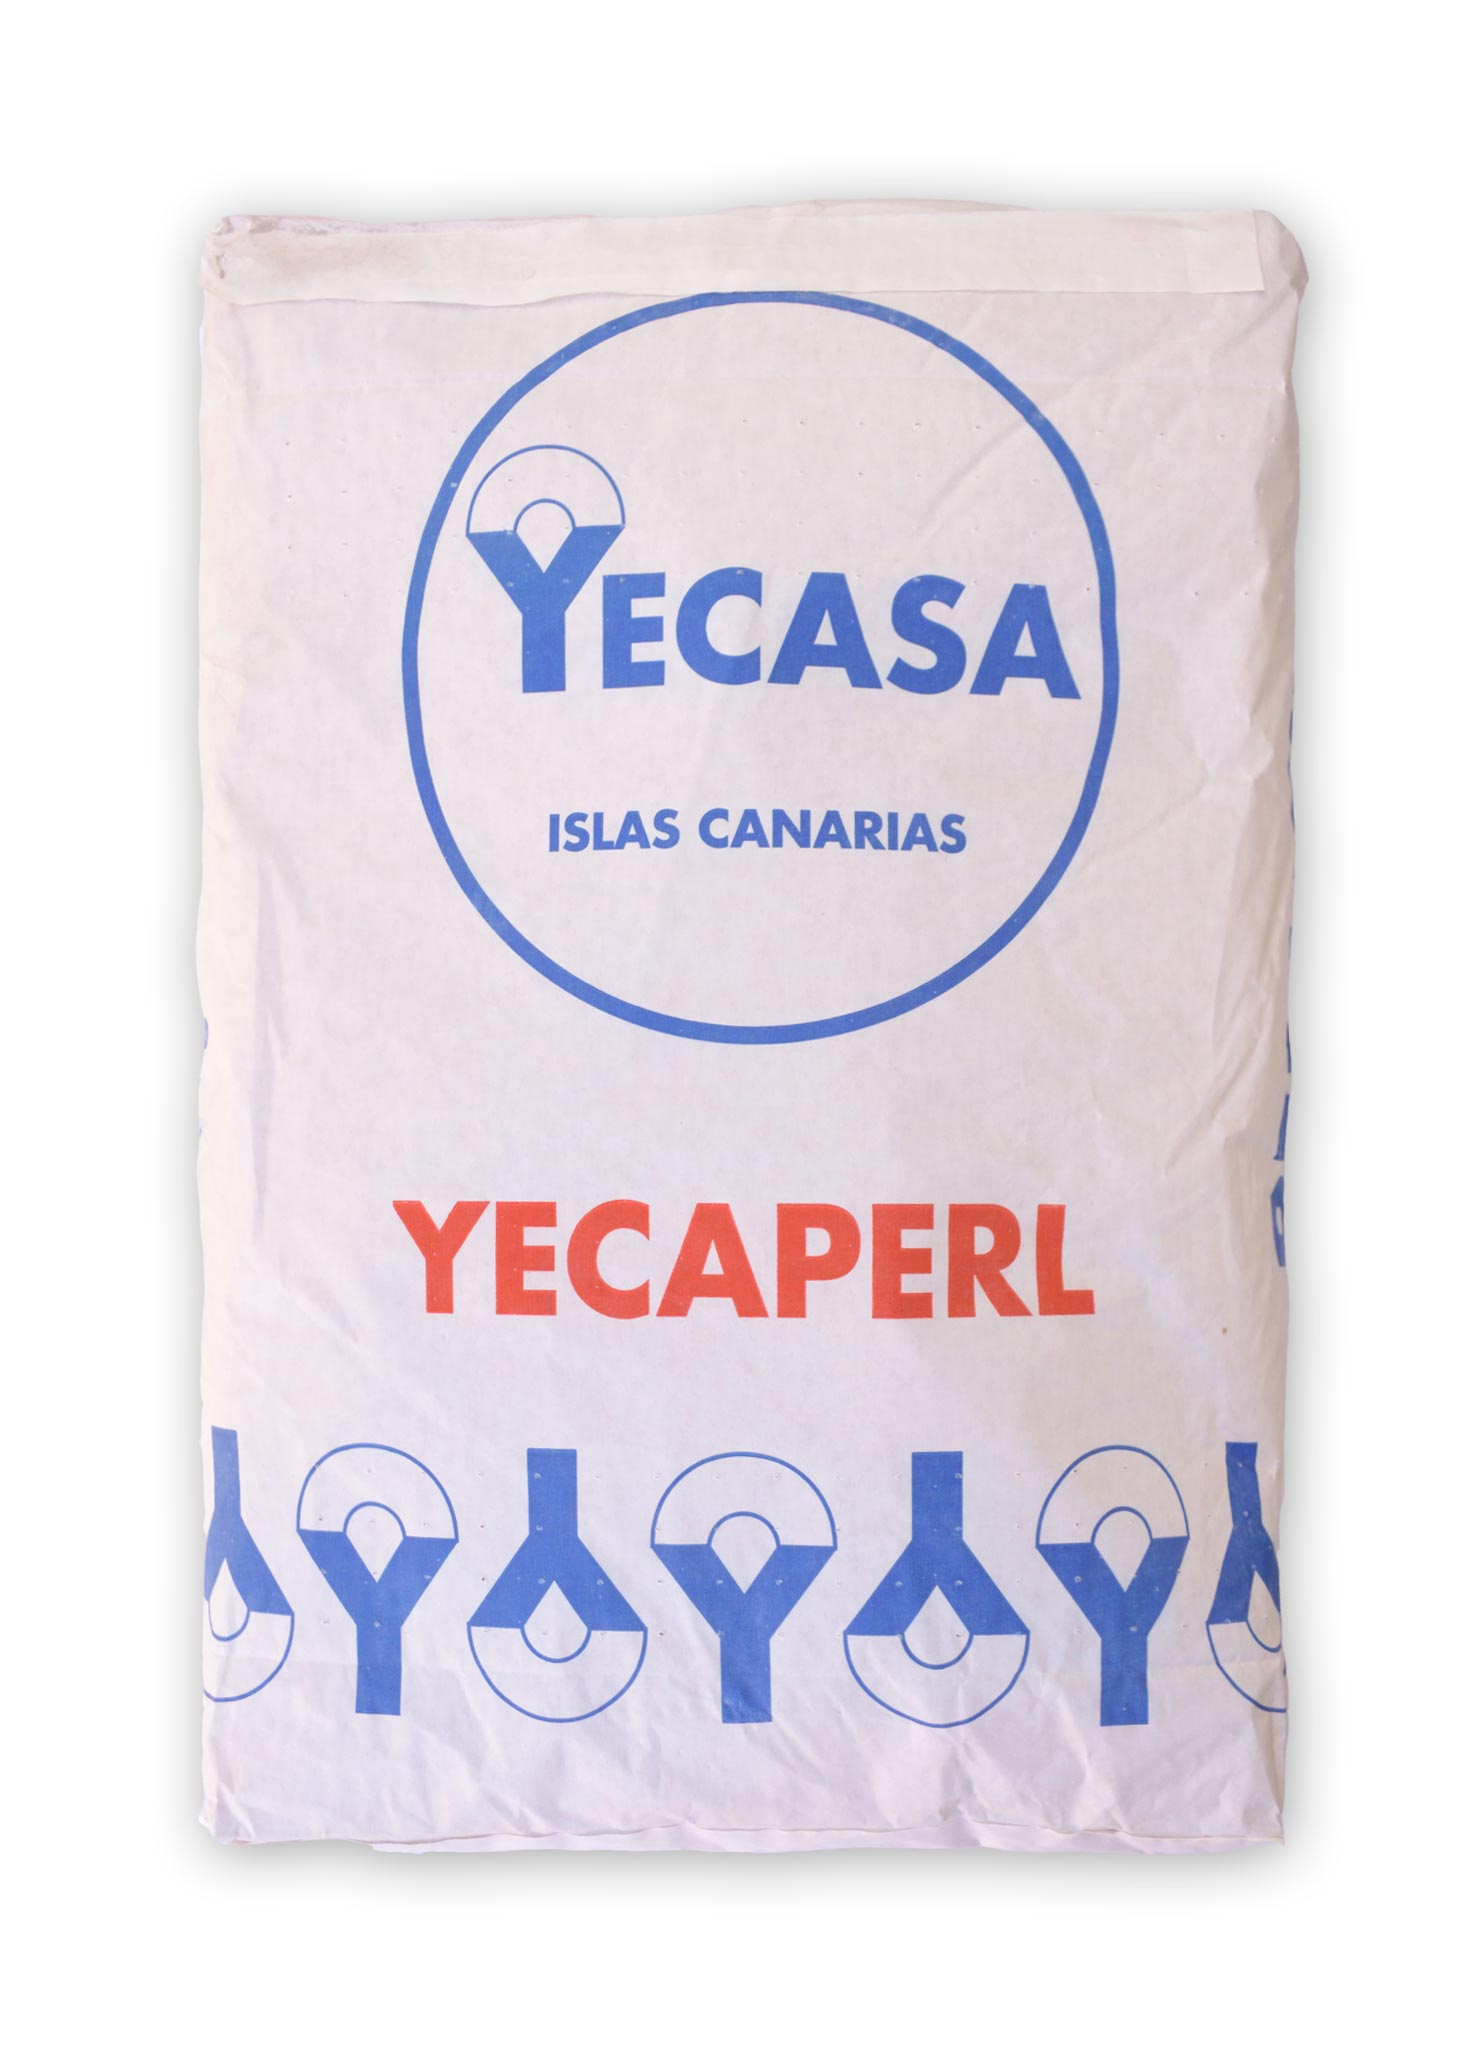 Yecaperl